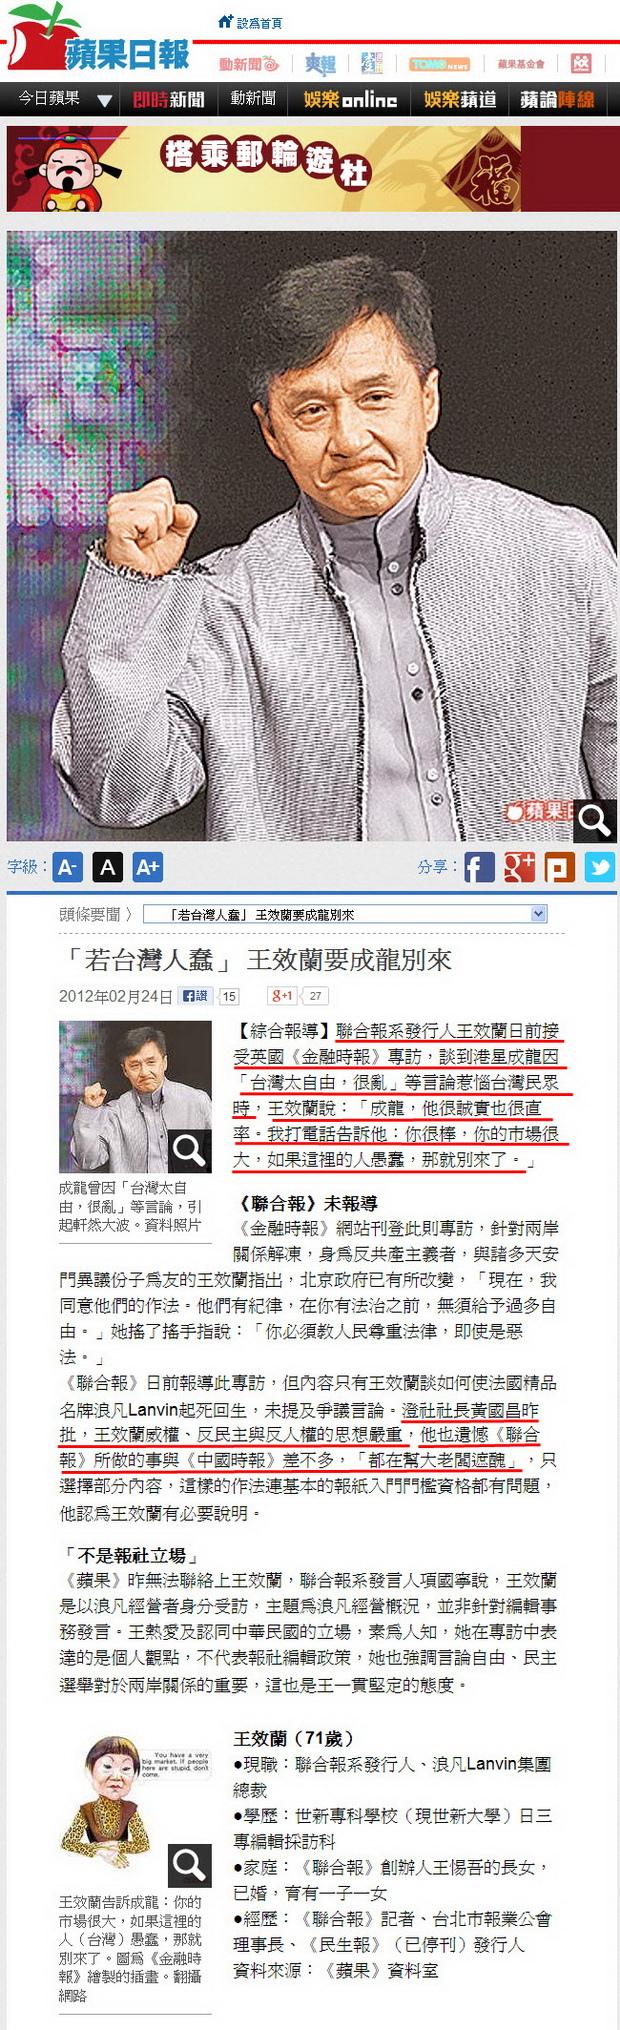 「若台灣人蠢」 王效蘭要成龍別來-2012.02.24-01.jpg